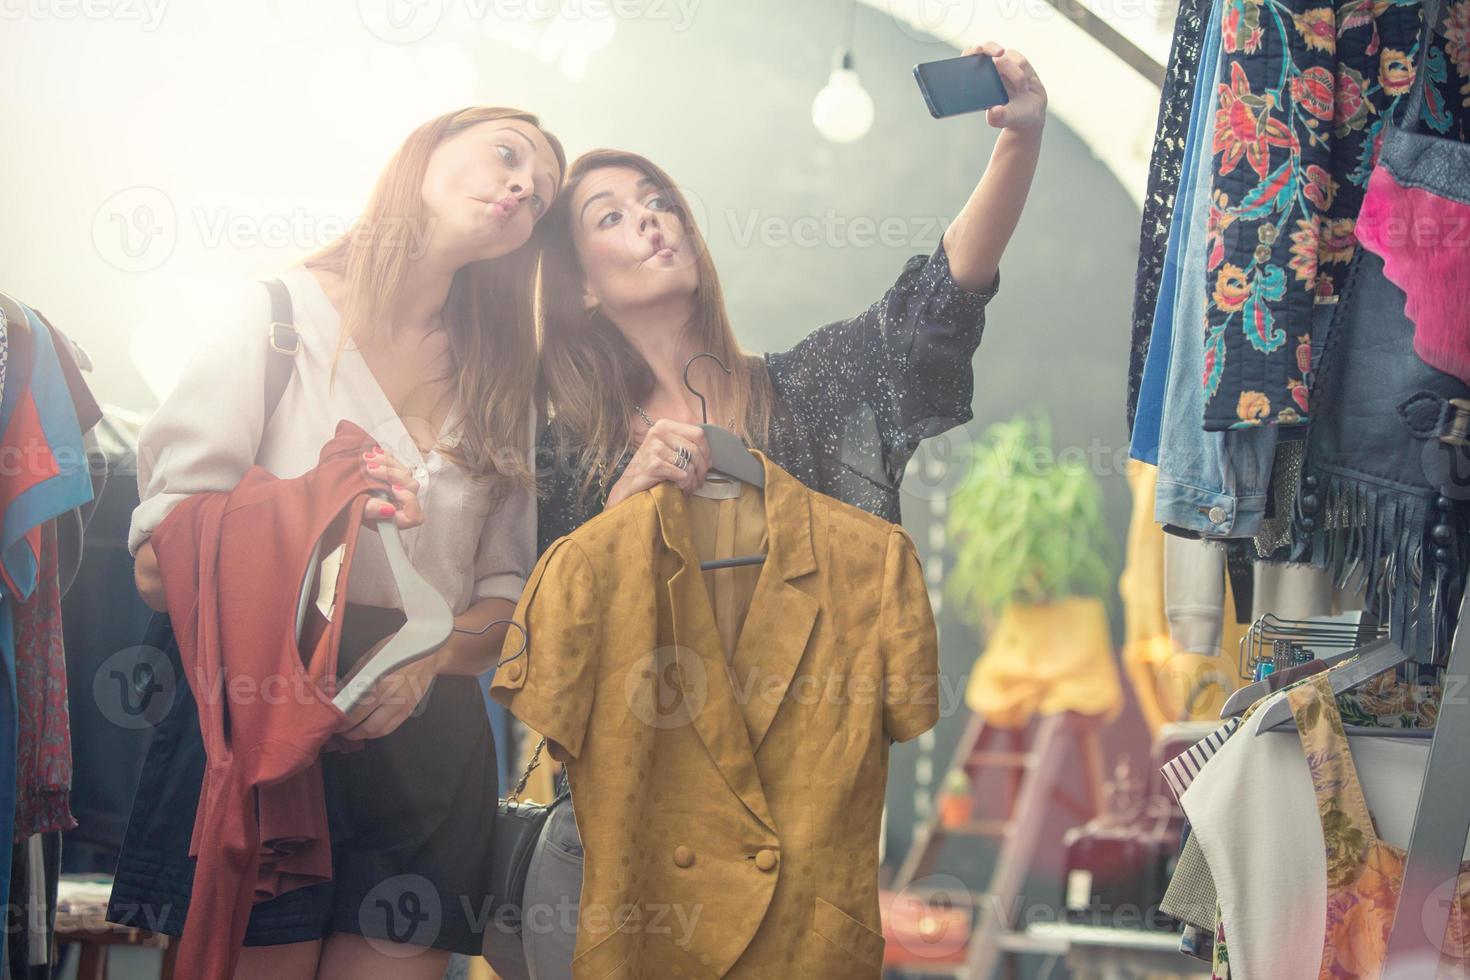 giovani amici biondi e marroni si divertono nel negozio di abbigliamento di seconda mano foto